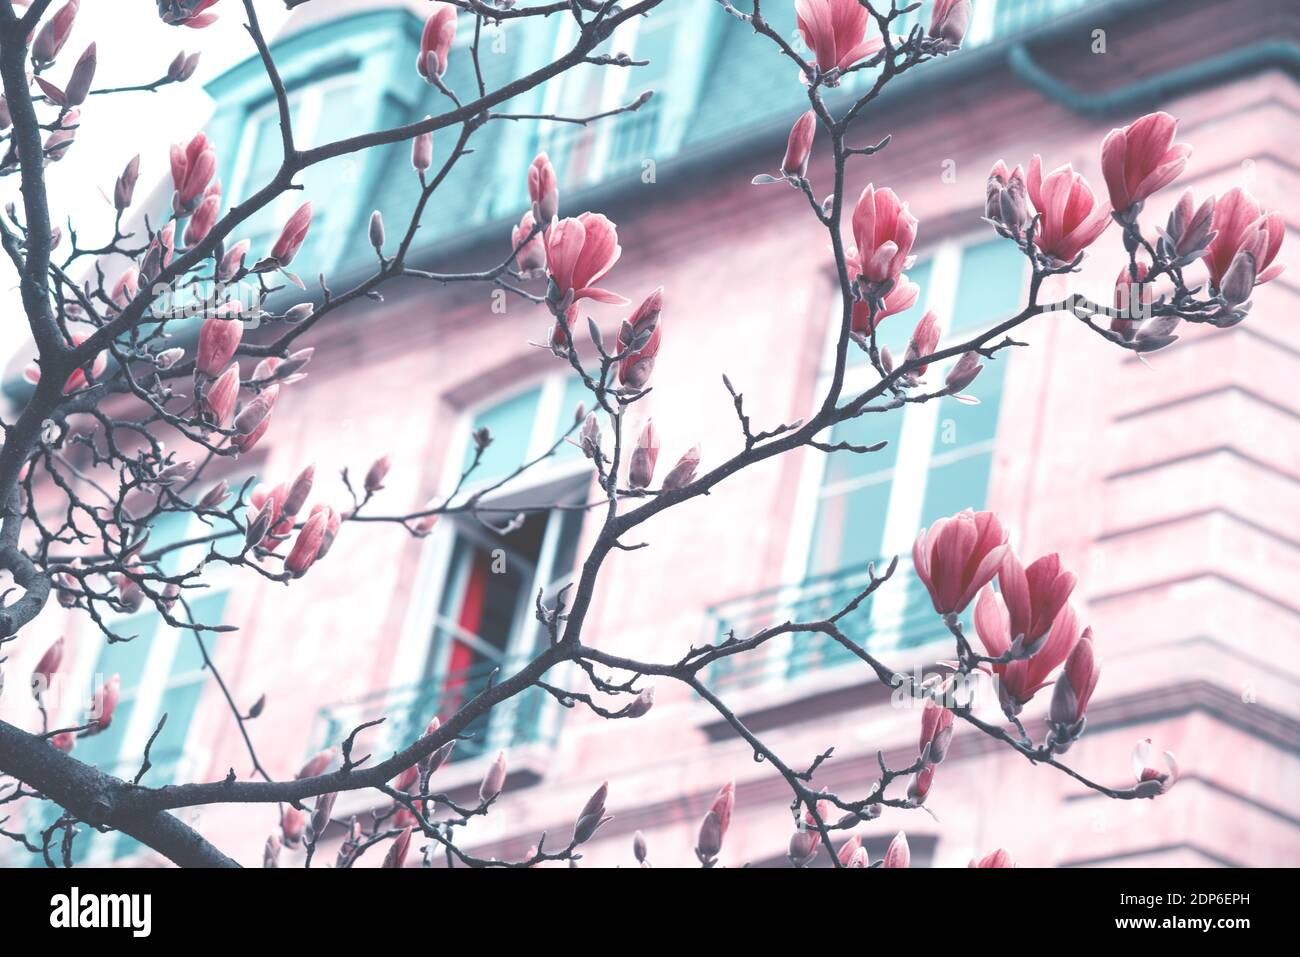 Printemps à Paris. Le magnolia fleuri et un bâtiment typiquement parisien avec un mansarde en arrière-plan. Concept de vacances romantiques. Tons rêveux rétro Banque D'Images